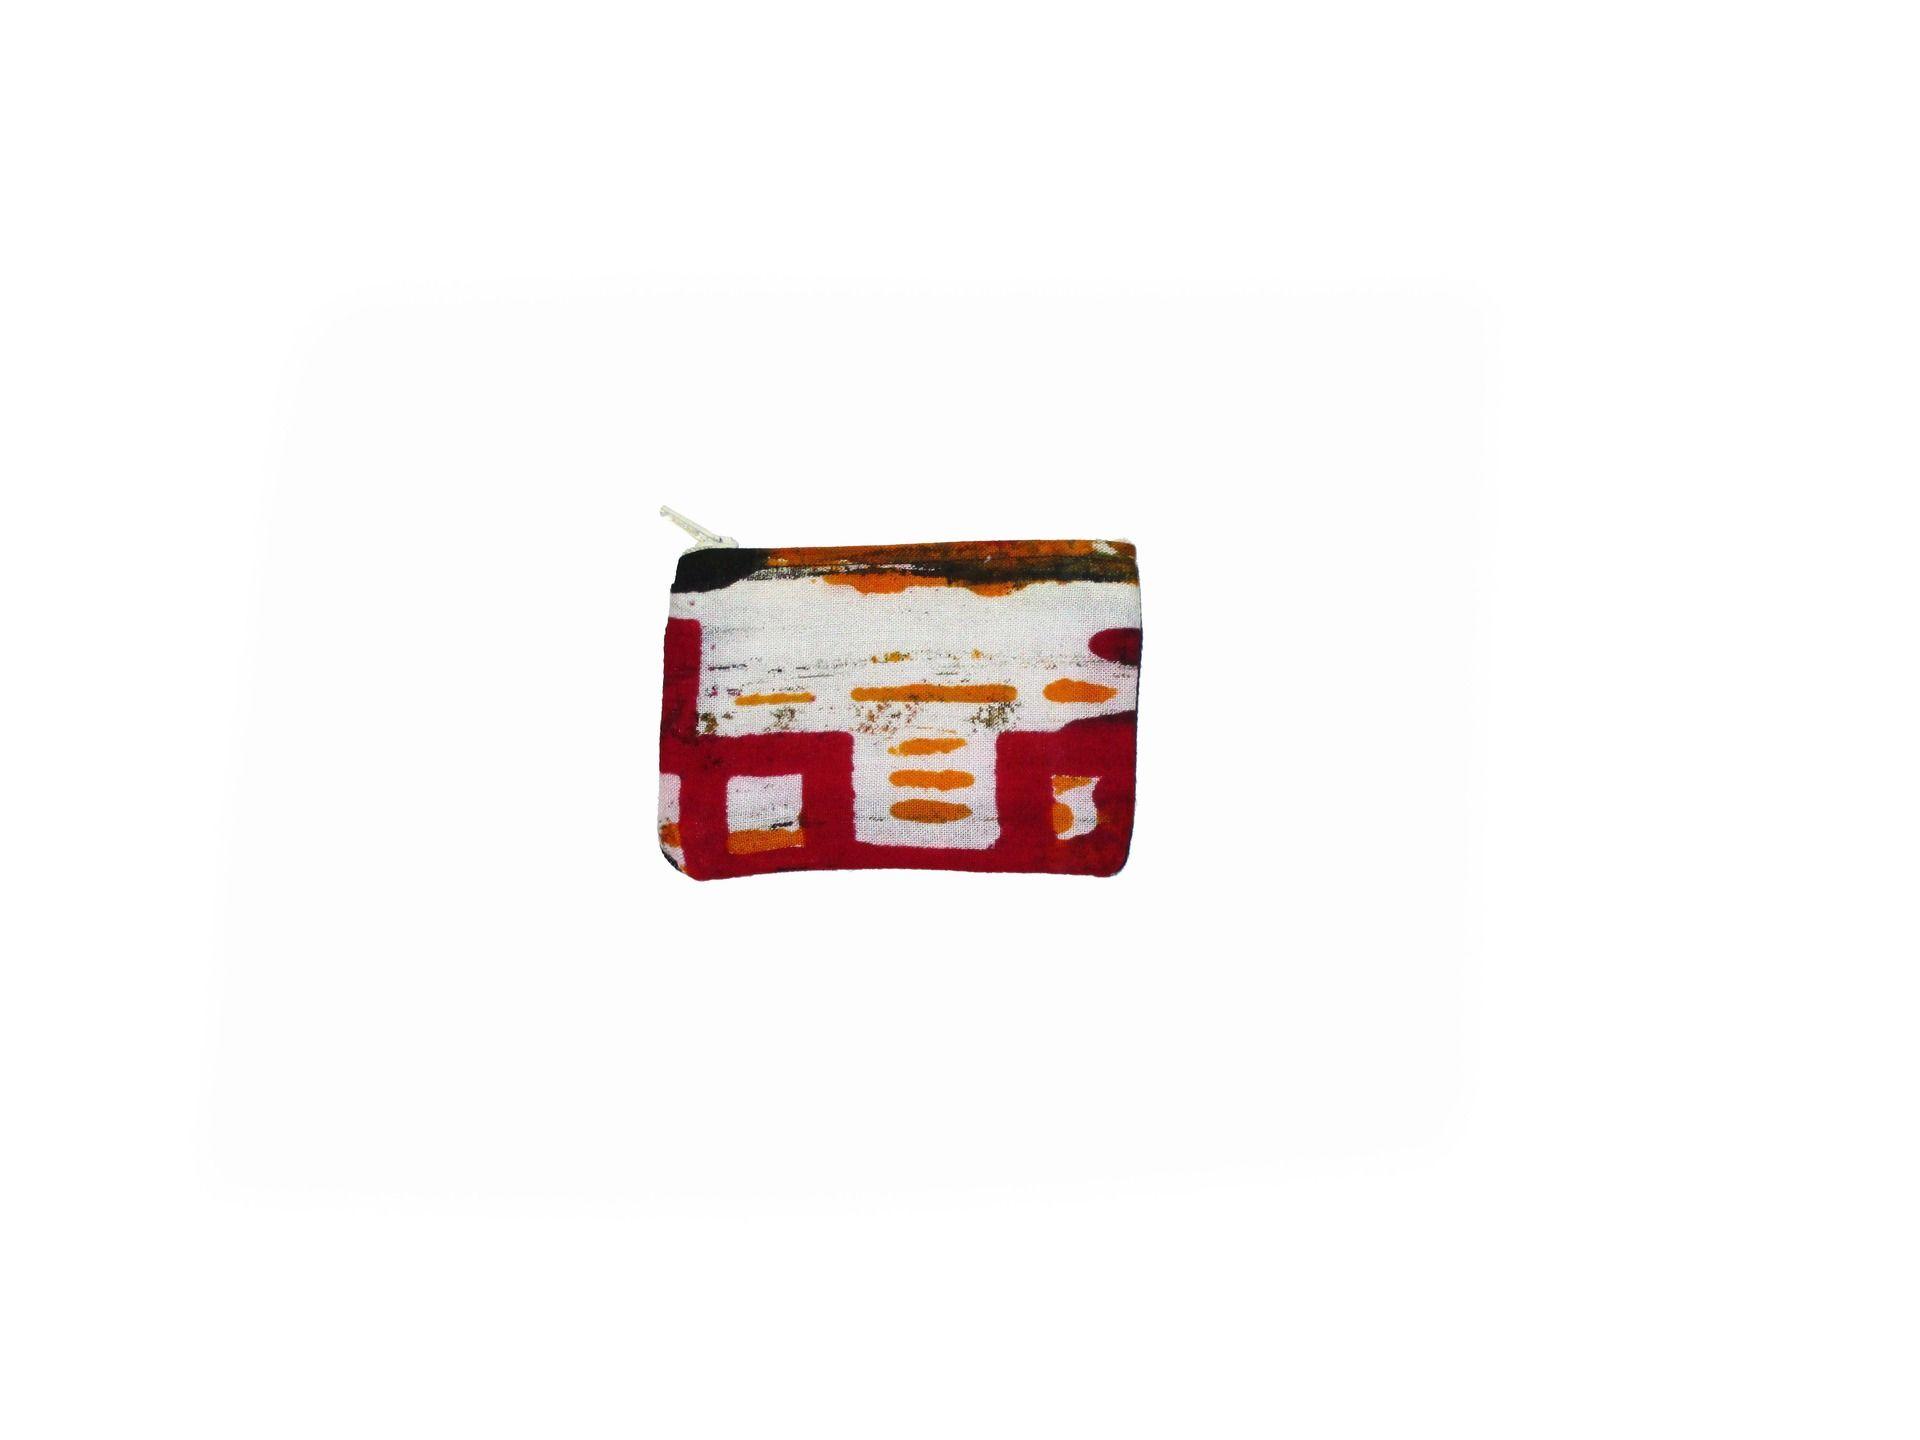 Porte-monnaie ou porte-cartes en pagne et jean (dark blue) : Porte-monnaie, portefeuilles par ecosap